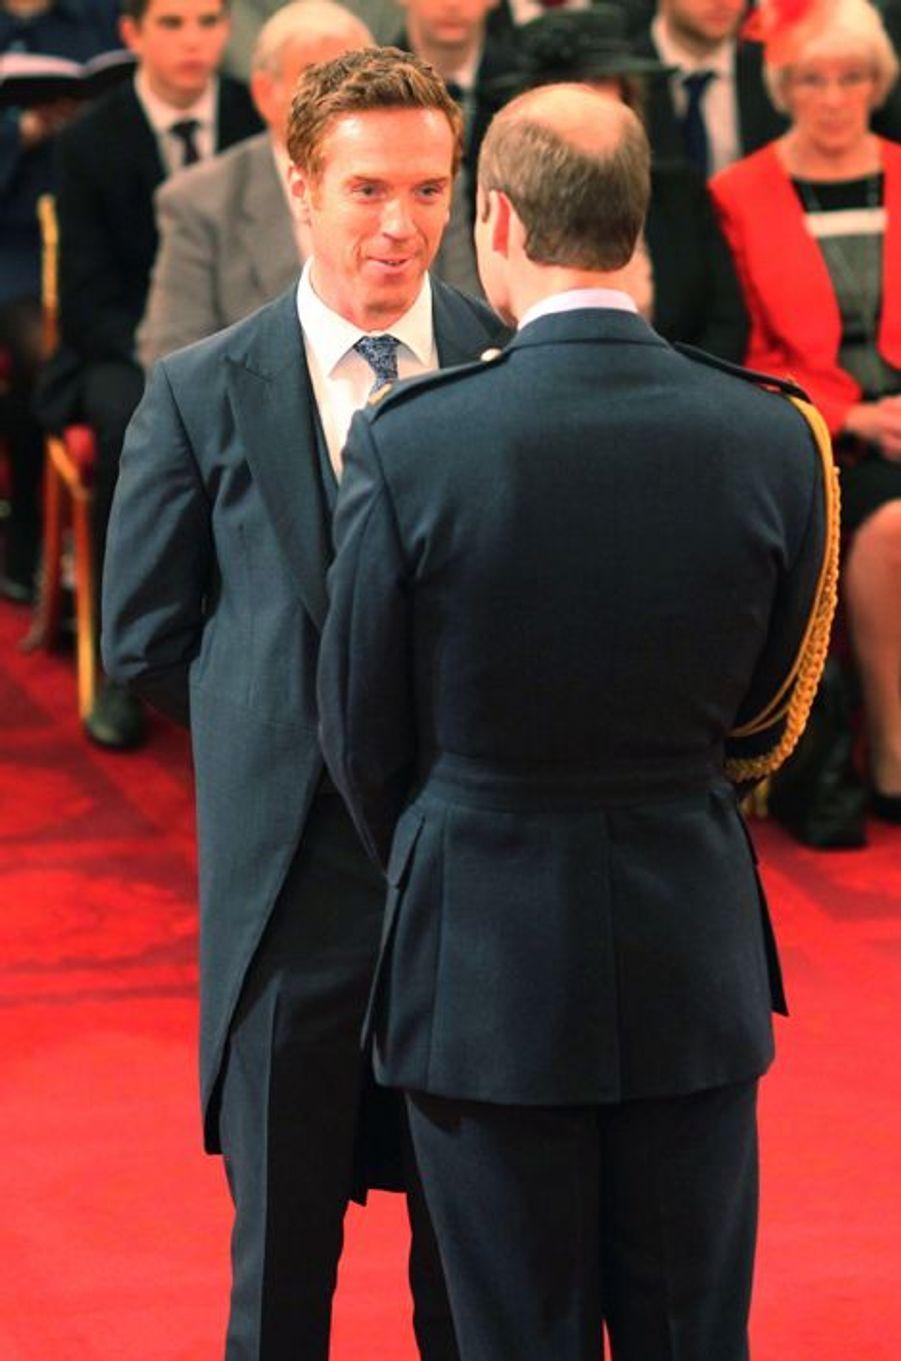 Le prince William décore Damian Lewis de l'ordre du Bristish Empire à Londres, le 26 novembre 2014